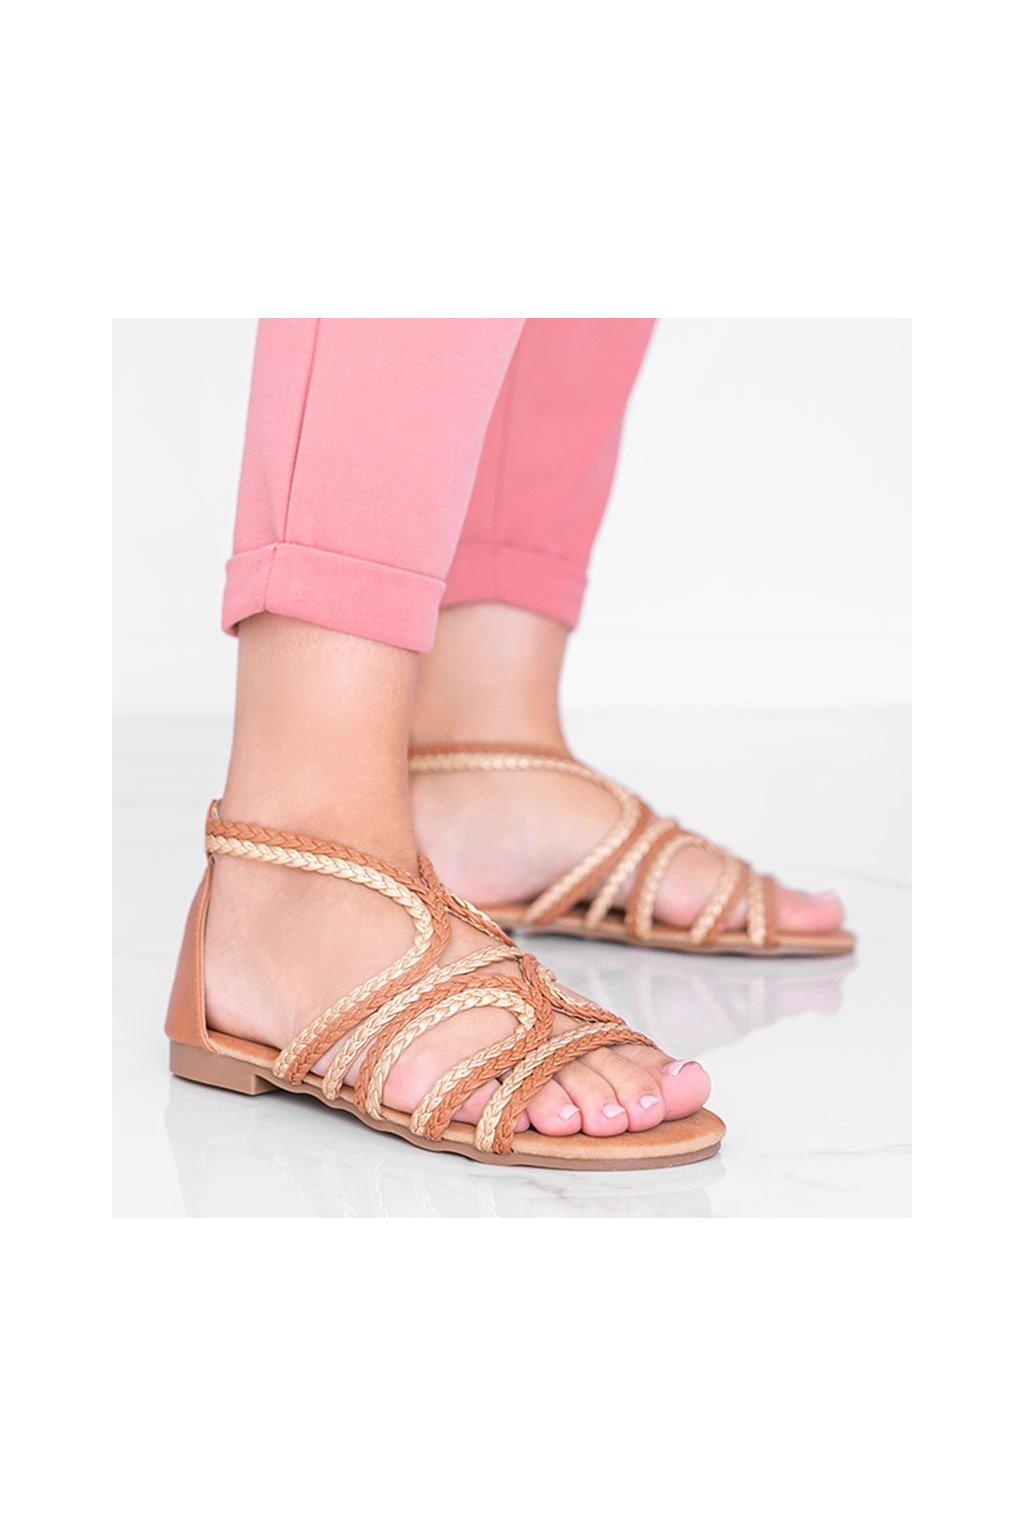 Dámske topánky sandále hnedé kód S060153 - GM